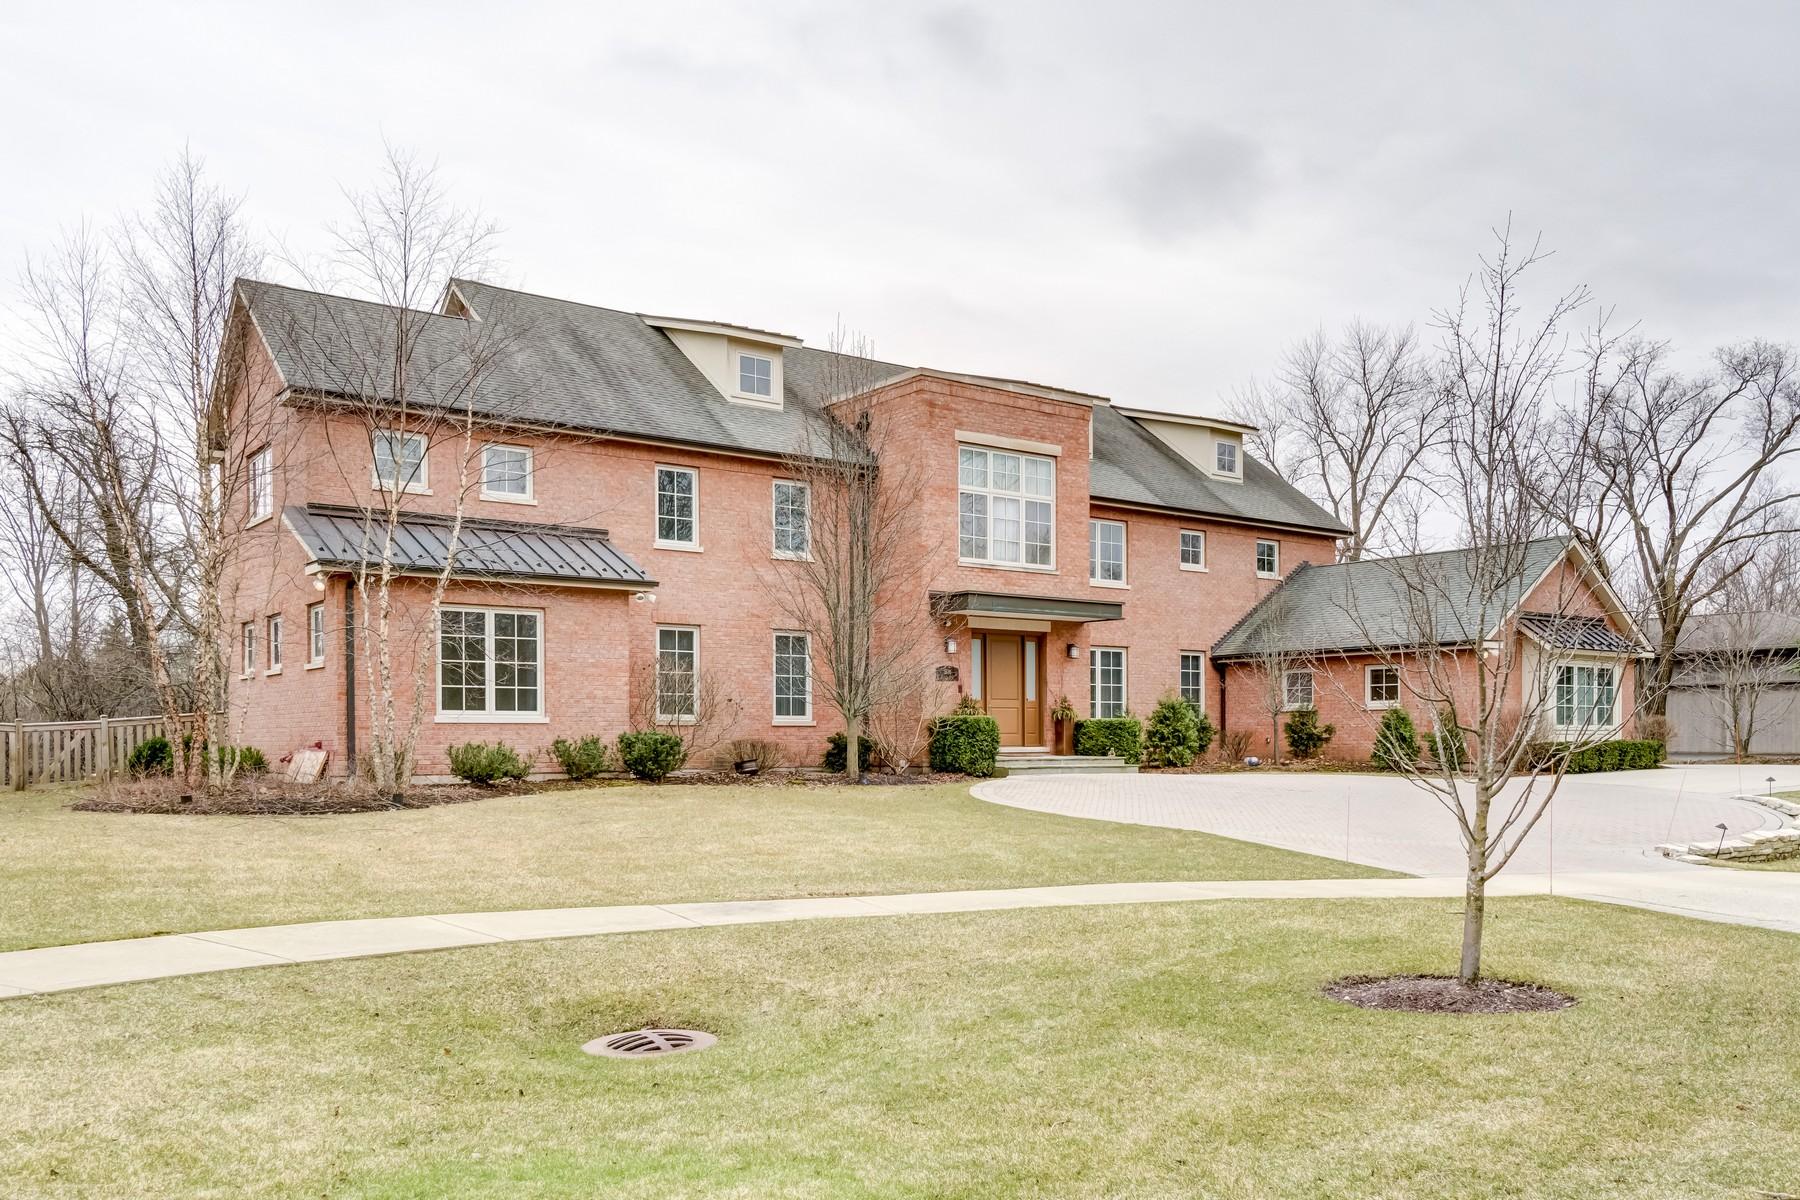 独户住宅 为 销售 在 Elegant Highland Park Home 1836 Cooper Lane 海兰帕克, 伊利诺斯州, 60035 美国